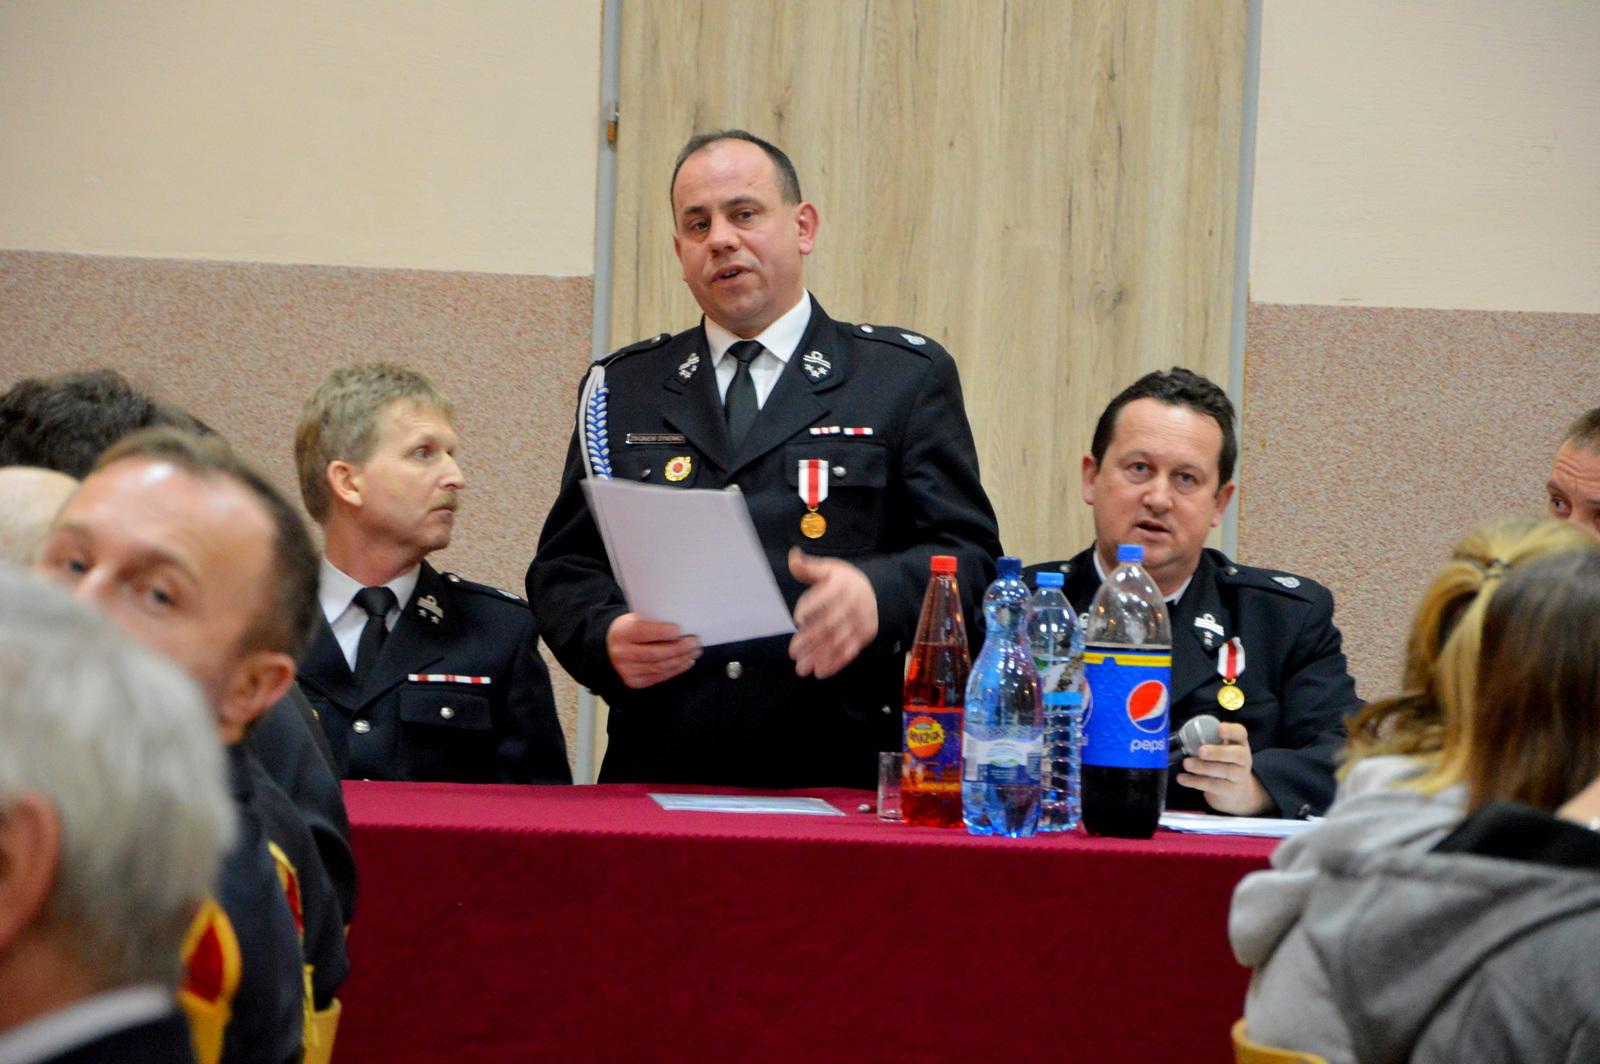 Walne zebranie Ochotniczej Straży Pożarnej w Brudzewie - fot. OSP Brudzew